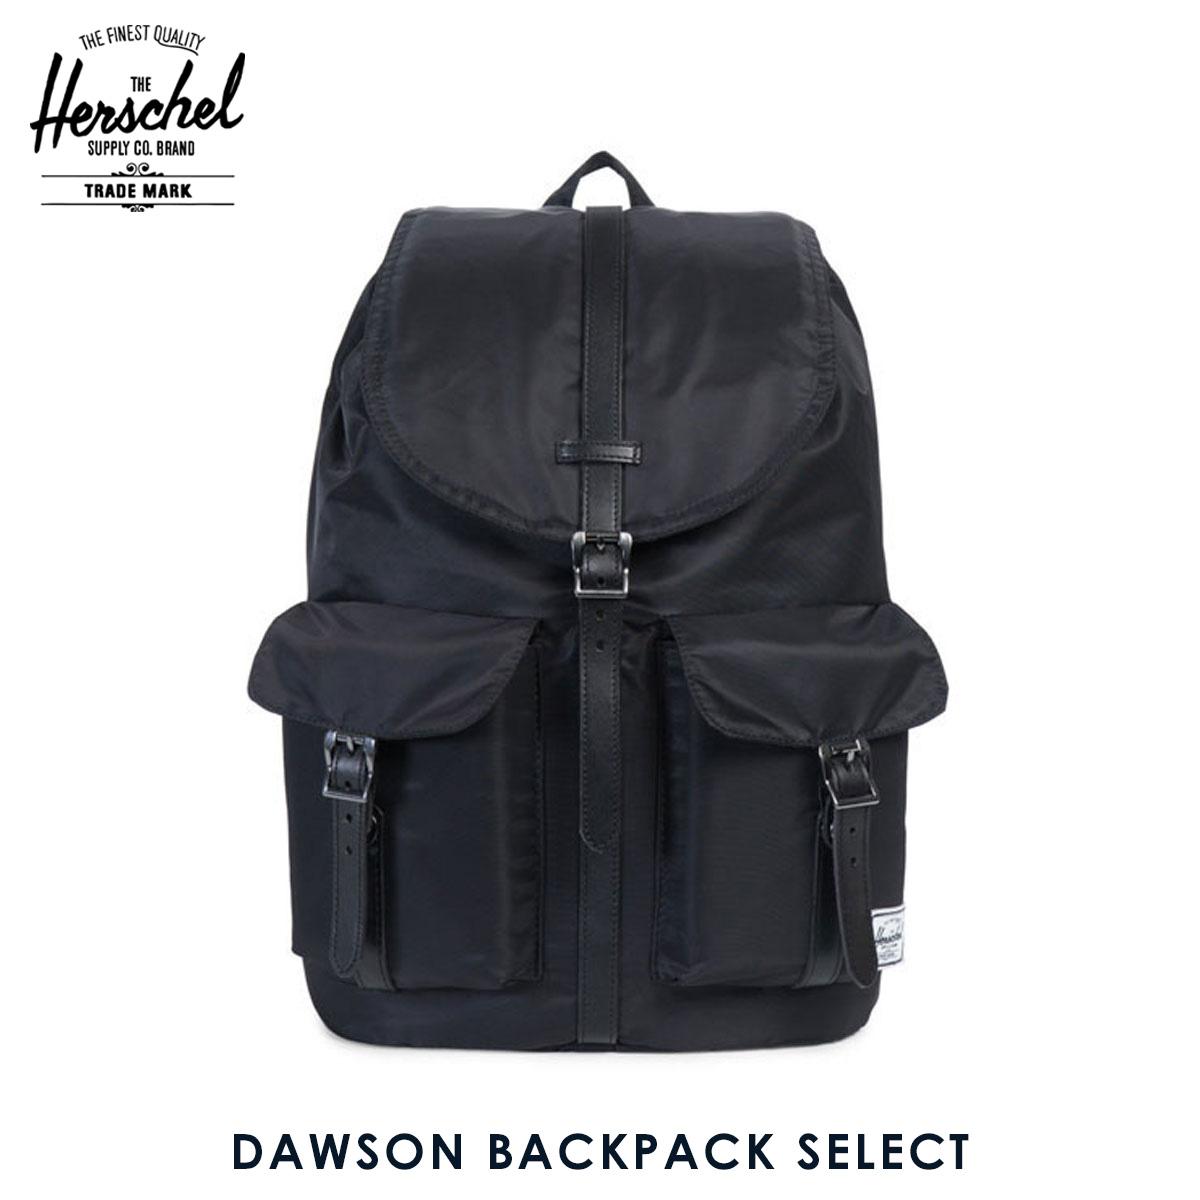 【販売期間 6/4 10:00~6/11 09:59】 ハーシェル バッグ 正規販売店 Herschel Supply ハーシャルサプライ バッグ リュックサック DAWSON BACKPACK SELECT 10233-00949-OS BLACK/BLACK DYED VEGGIE TAN LEATHER D00S20 父の日